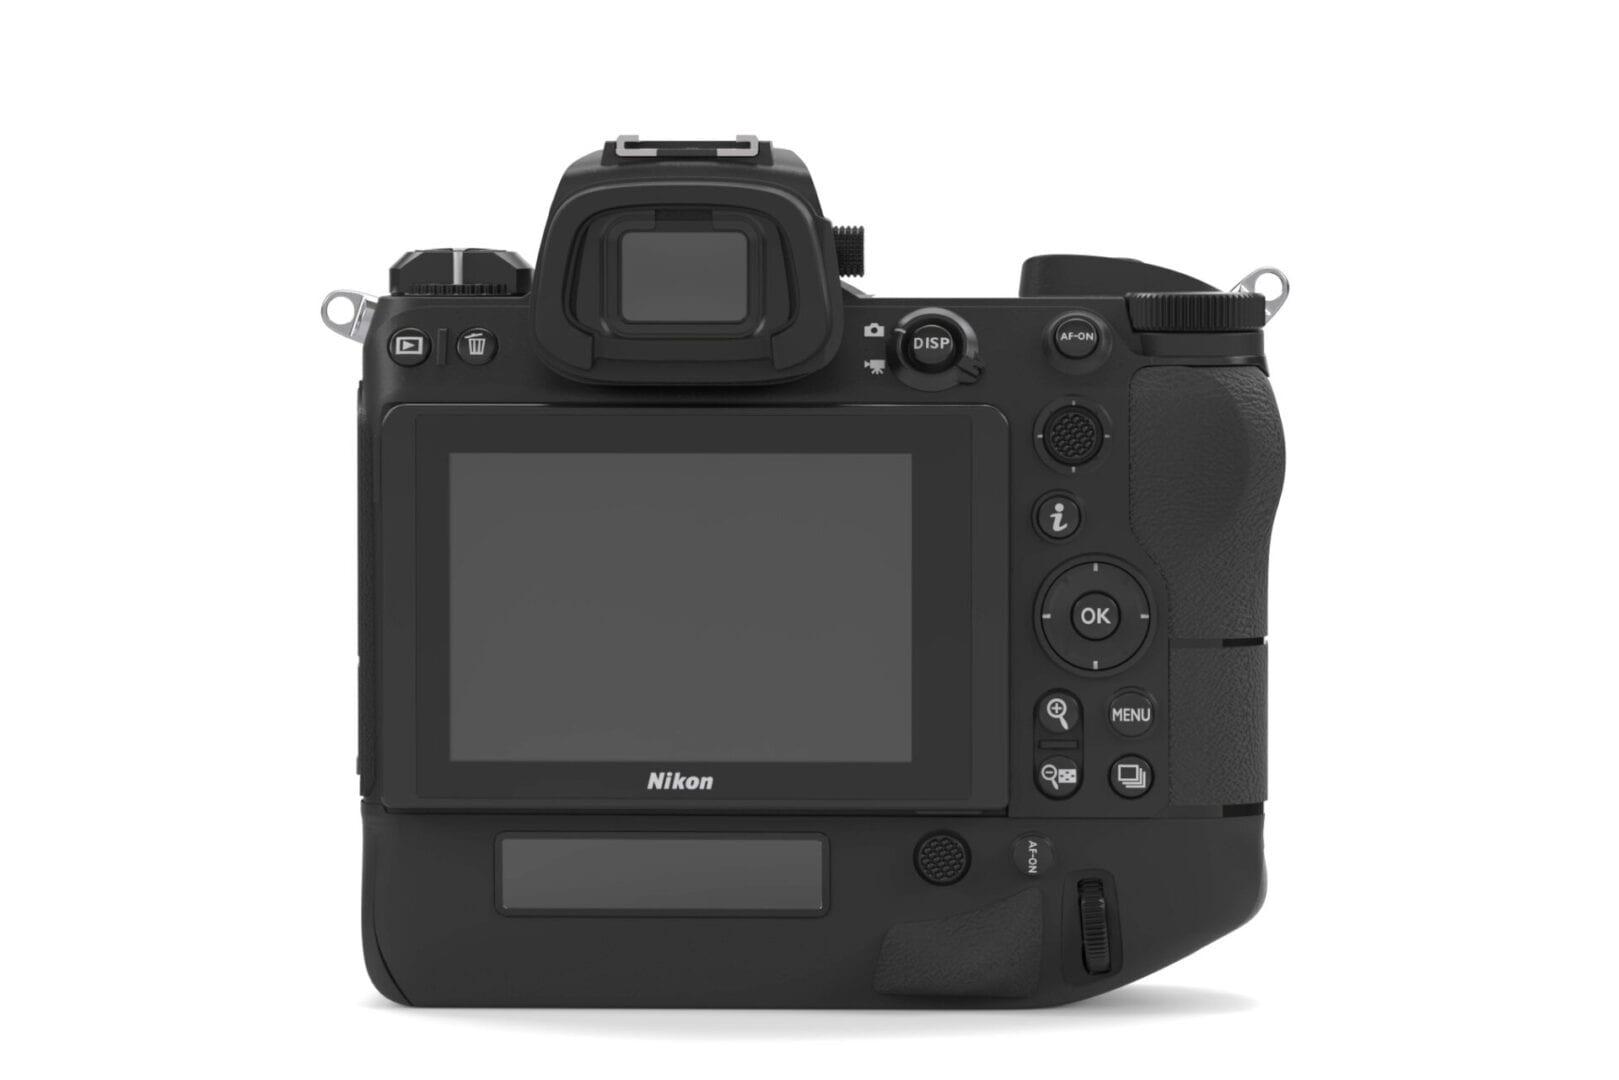 Η νέα Nikon Z9 full-frame mirrorless